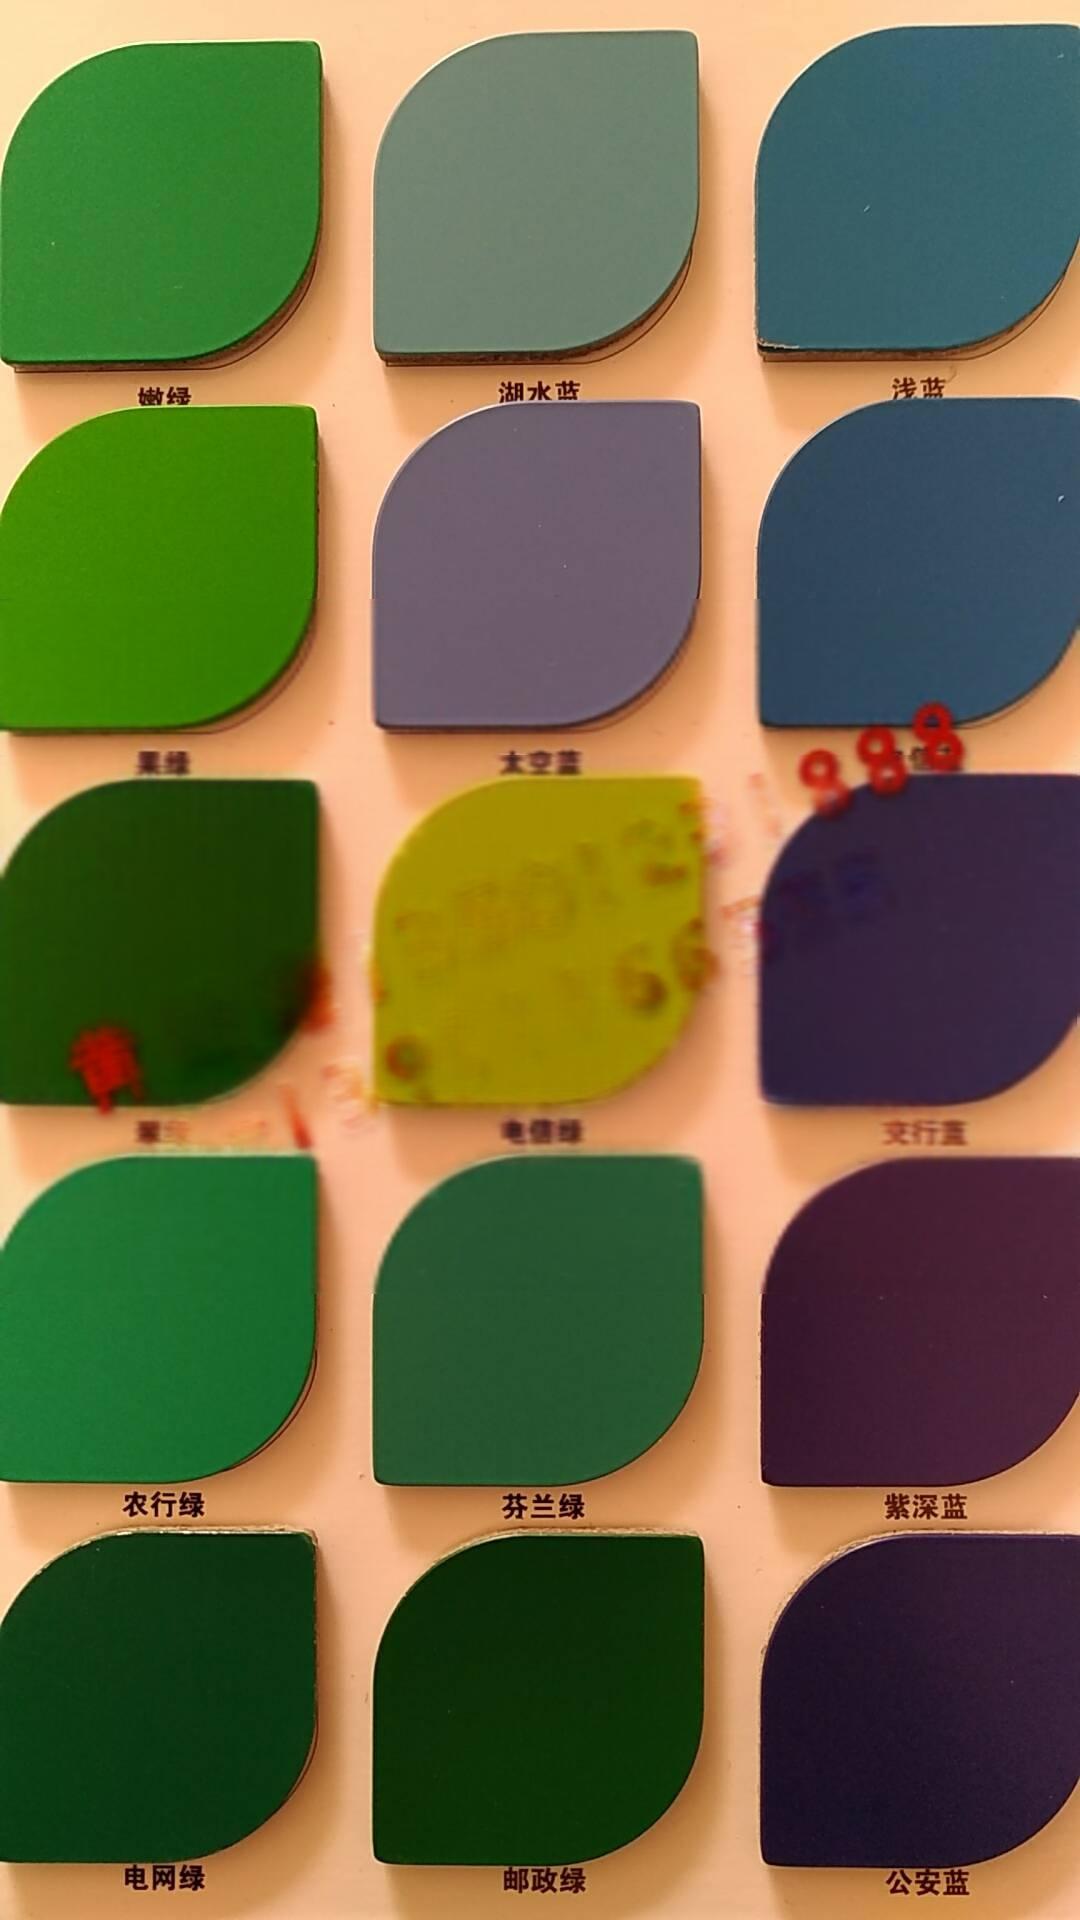 上海铝塑板厂家,铝塑板厂家744089182